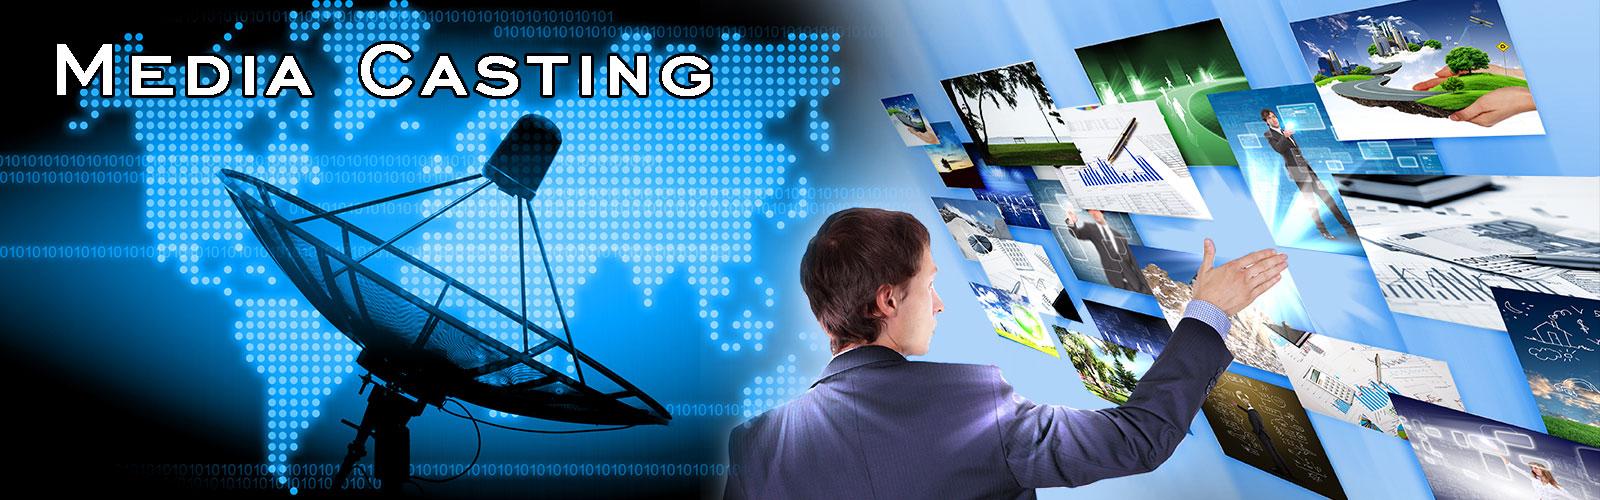 Media Casting